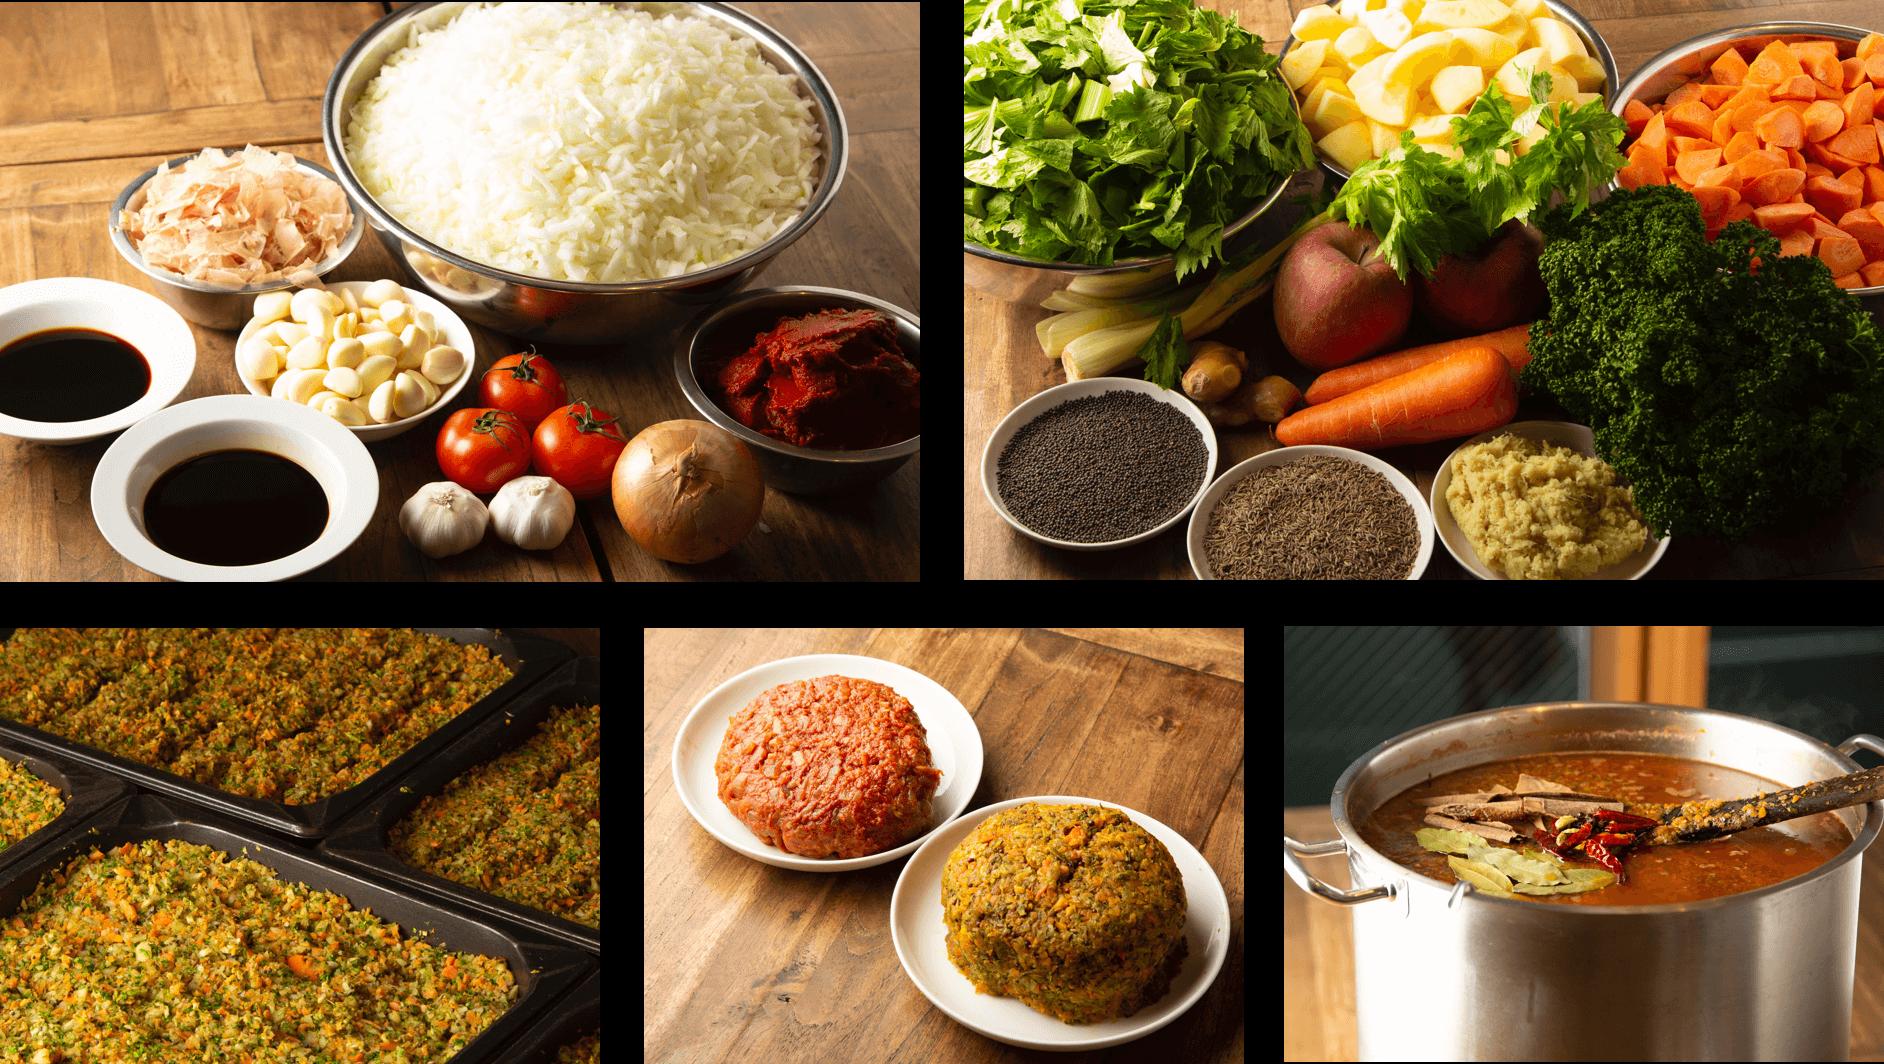 金澤ななほしカレーの特徴、赤玉と緑玉の材料をそれぞれ調理し、カレーの種類によってブレンドし大鍋で煮込む